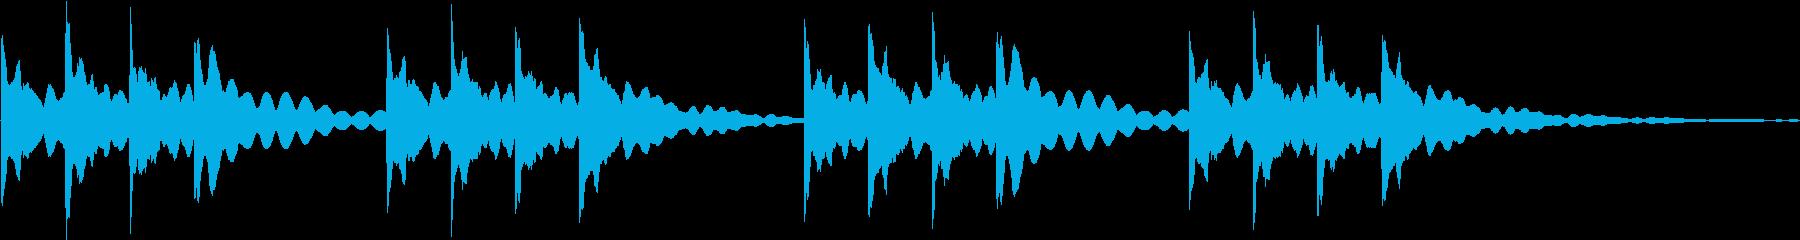 学校で使われるチャイムの音です。の再生済みの波形